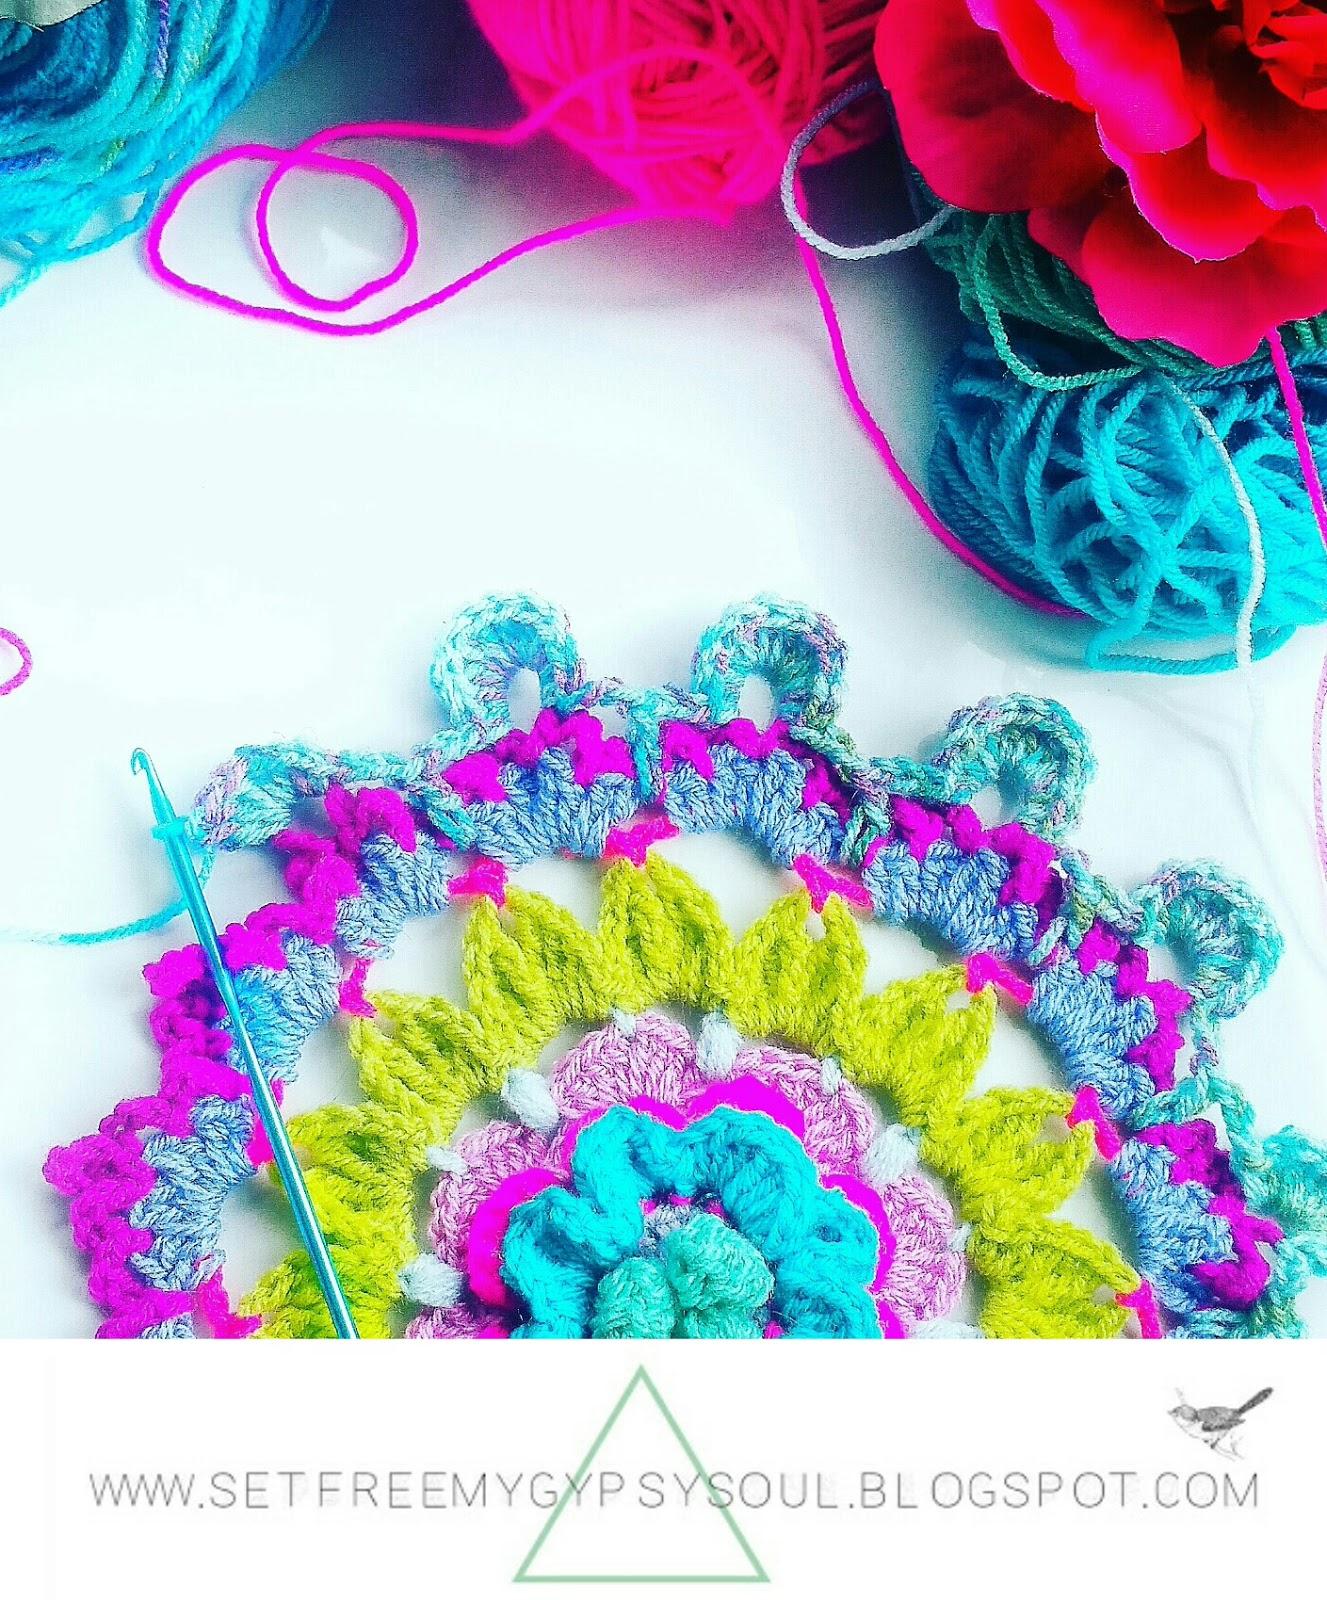 flower mandala crochet pattern free bohemian doily hippie yarn